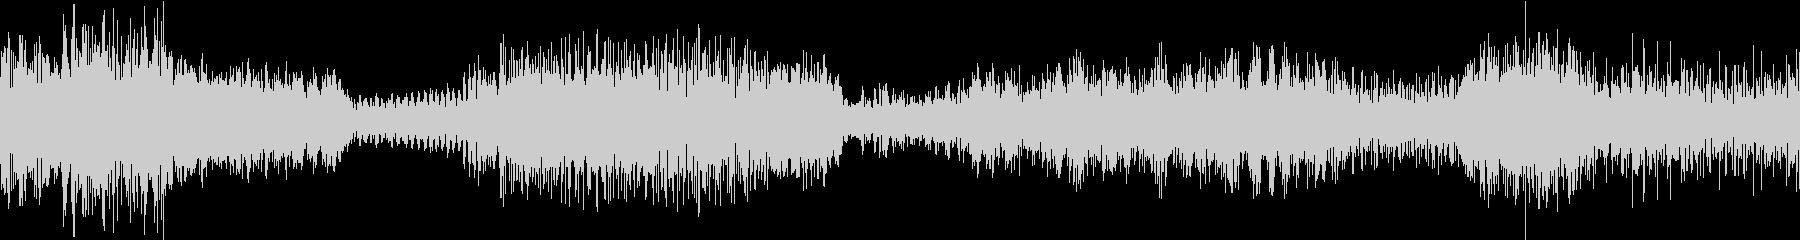 ドラマティックスペースストームの未再生の波形